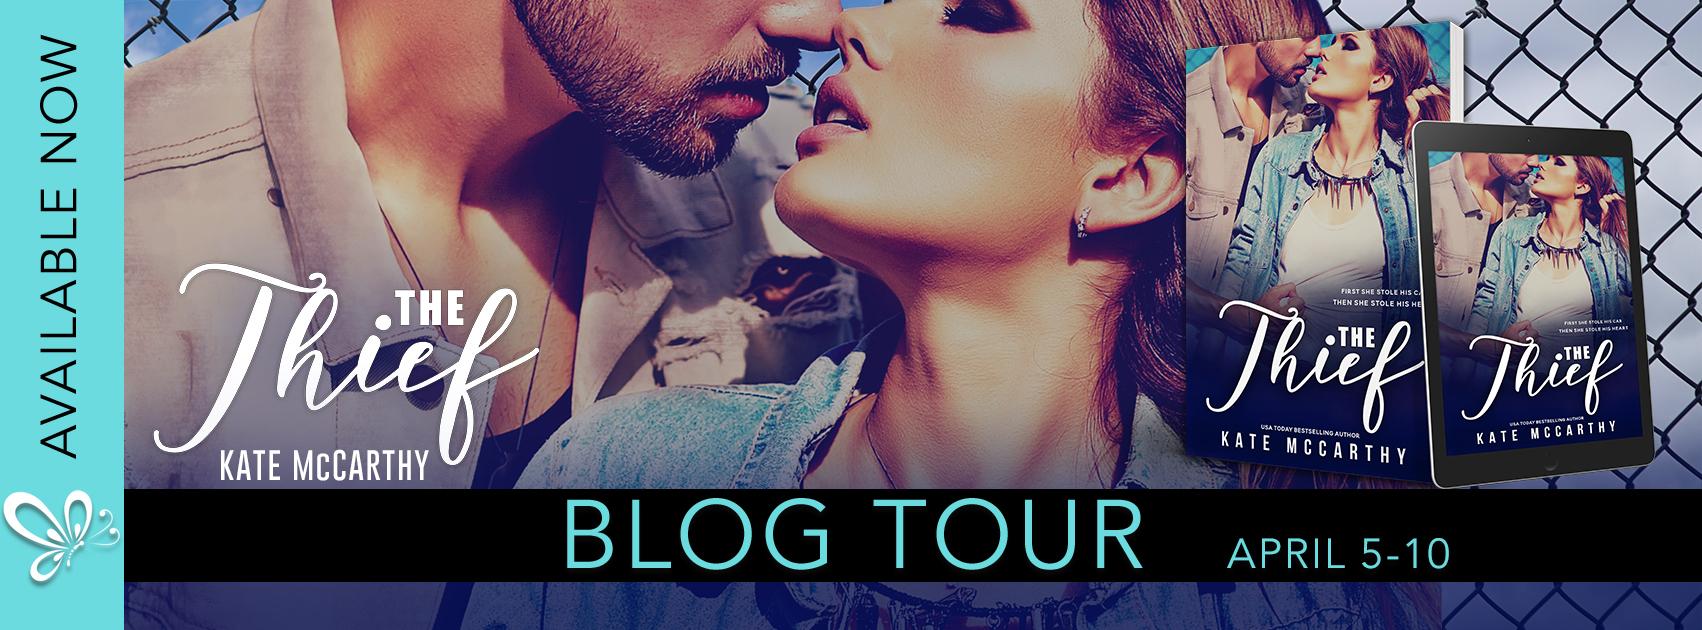 THIEF_BLOG TOUR BANNER.jpg